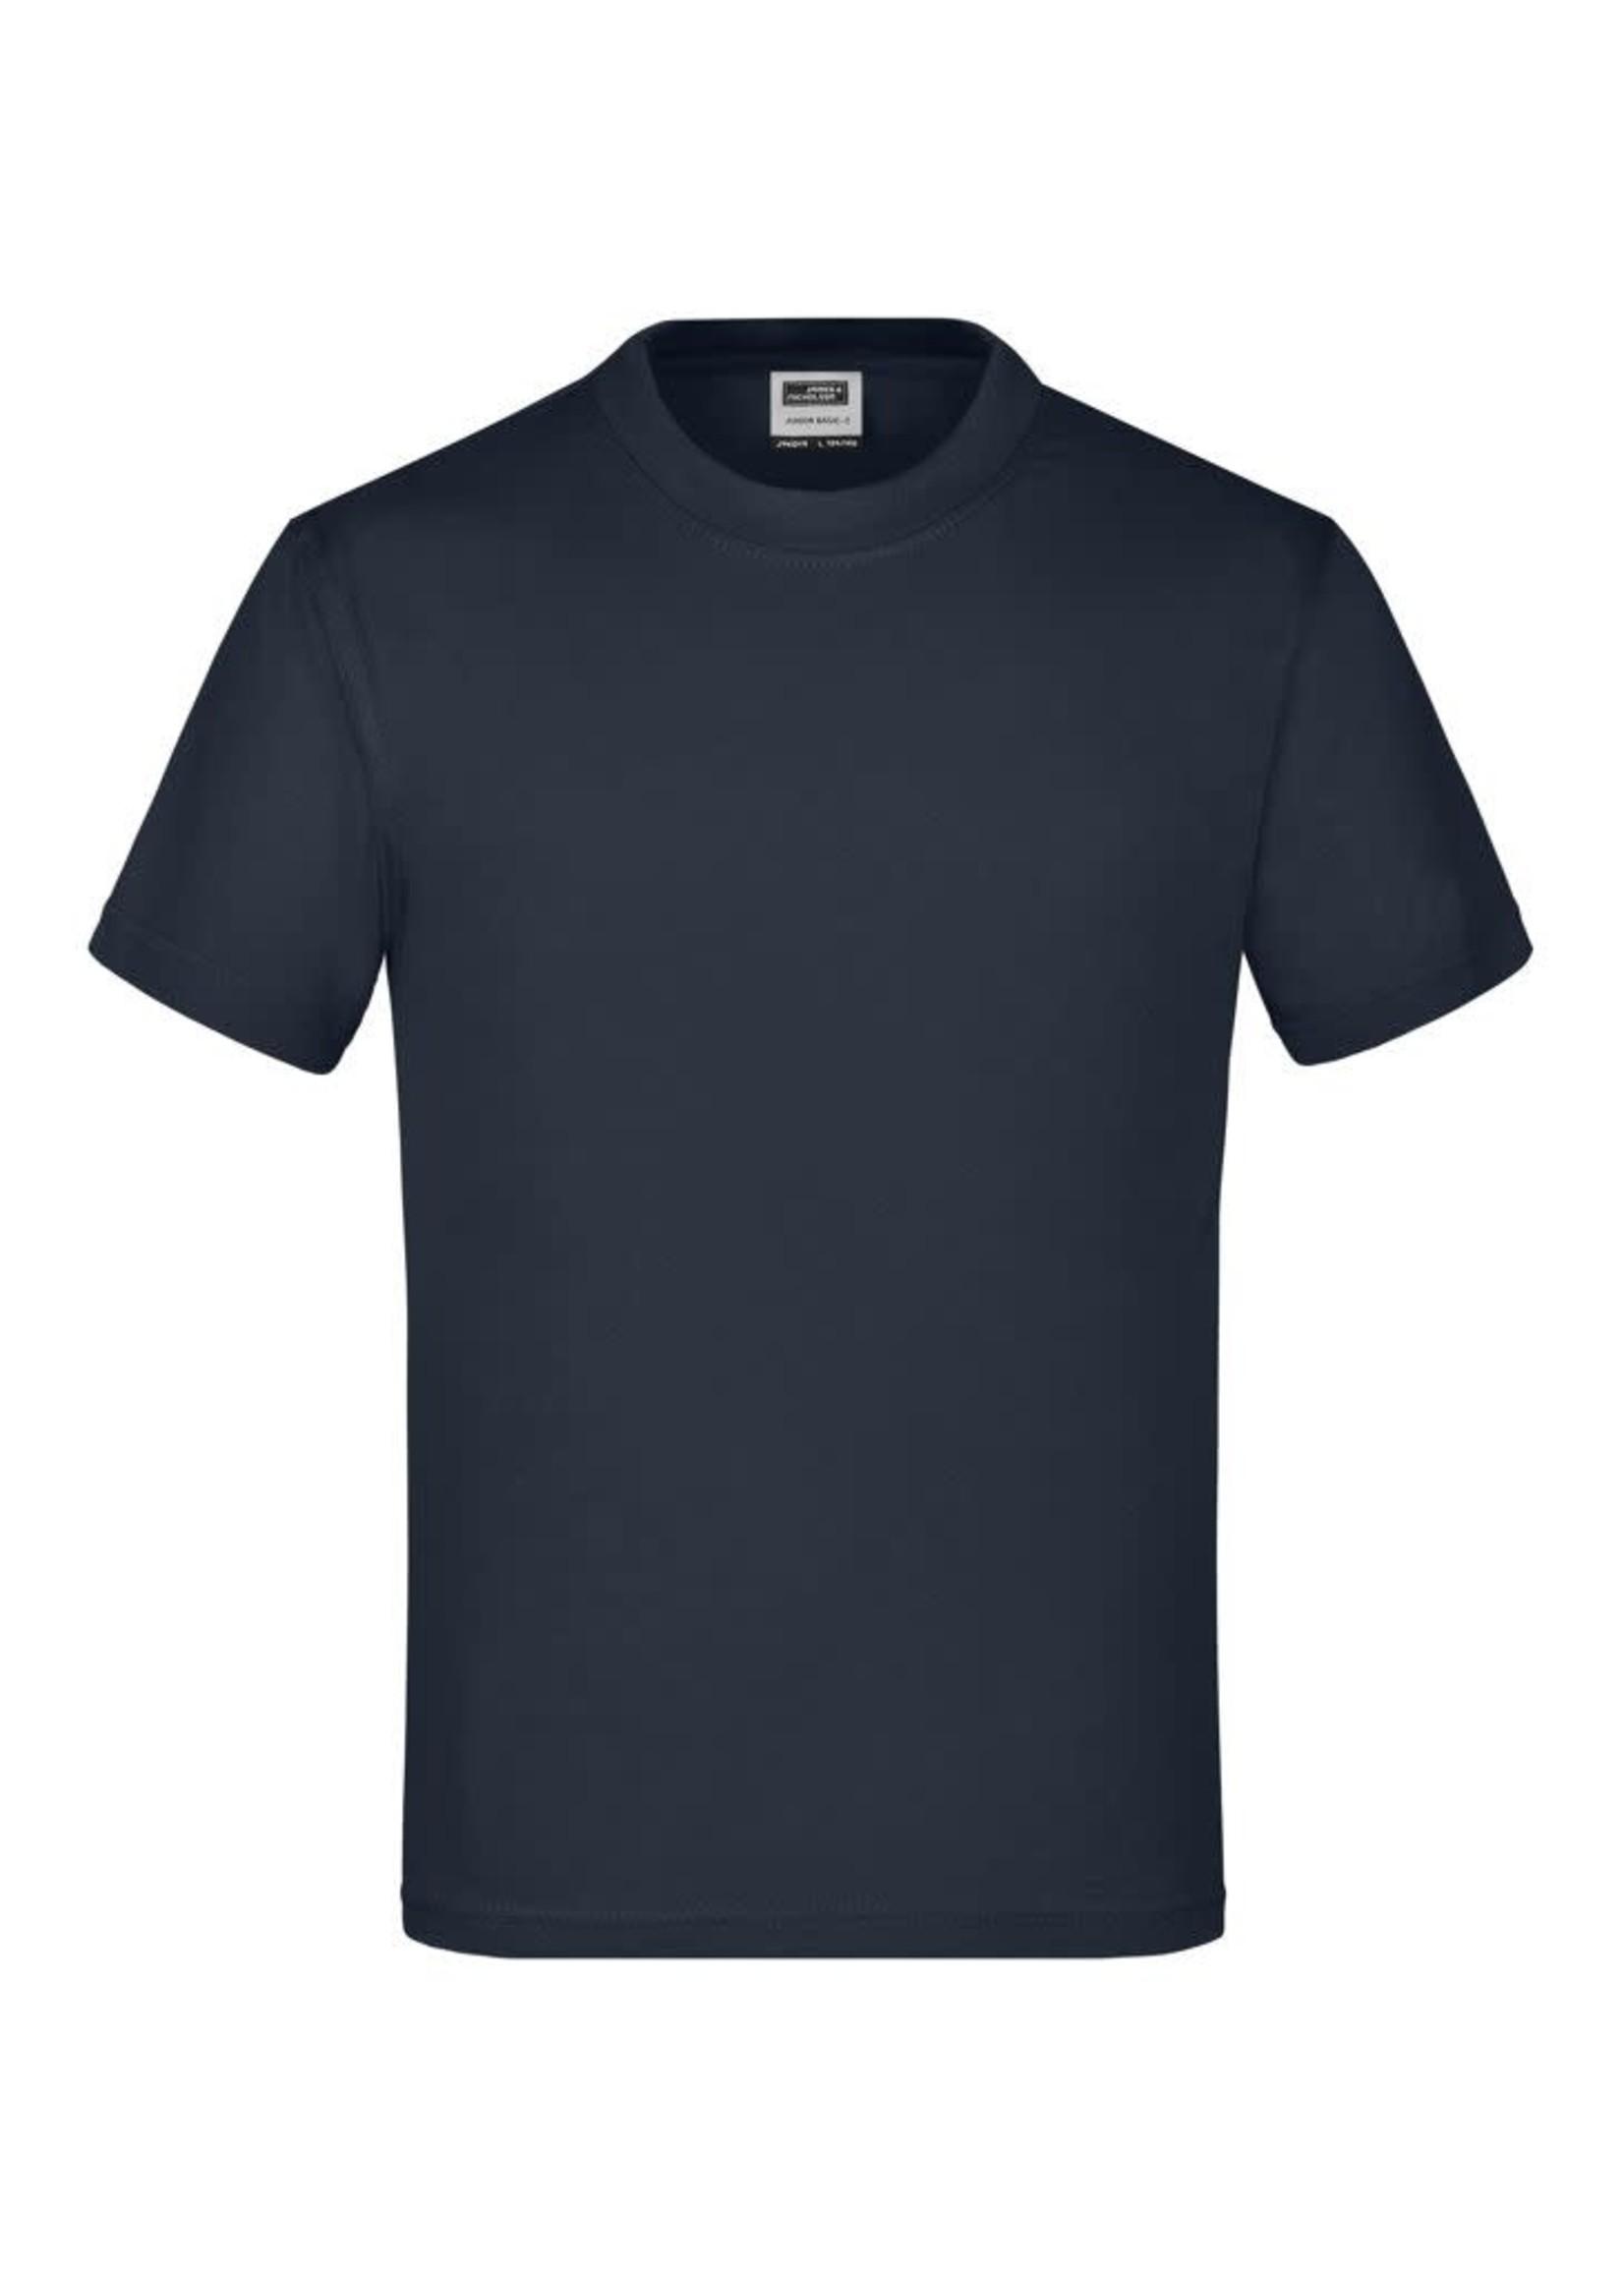 James & Nicholson LO T-shirt